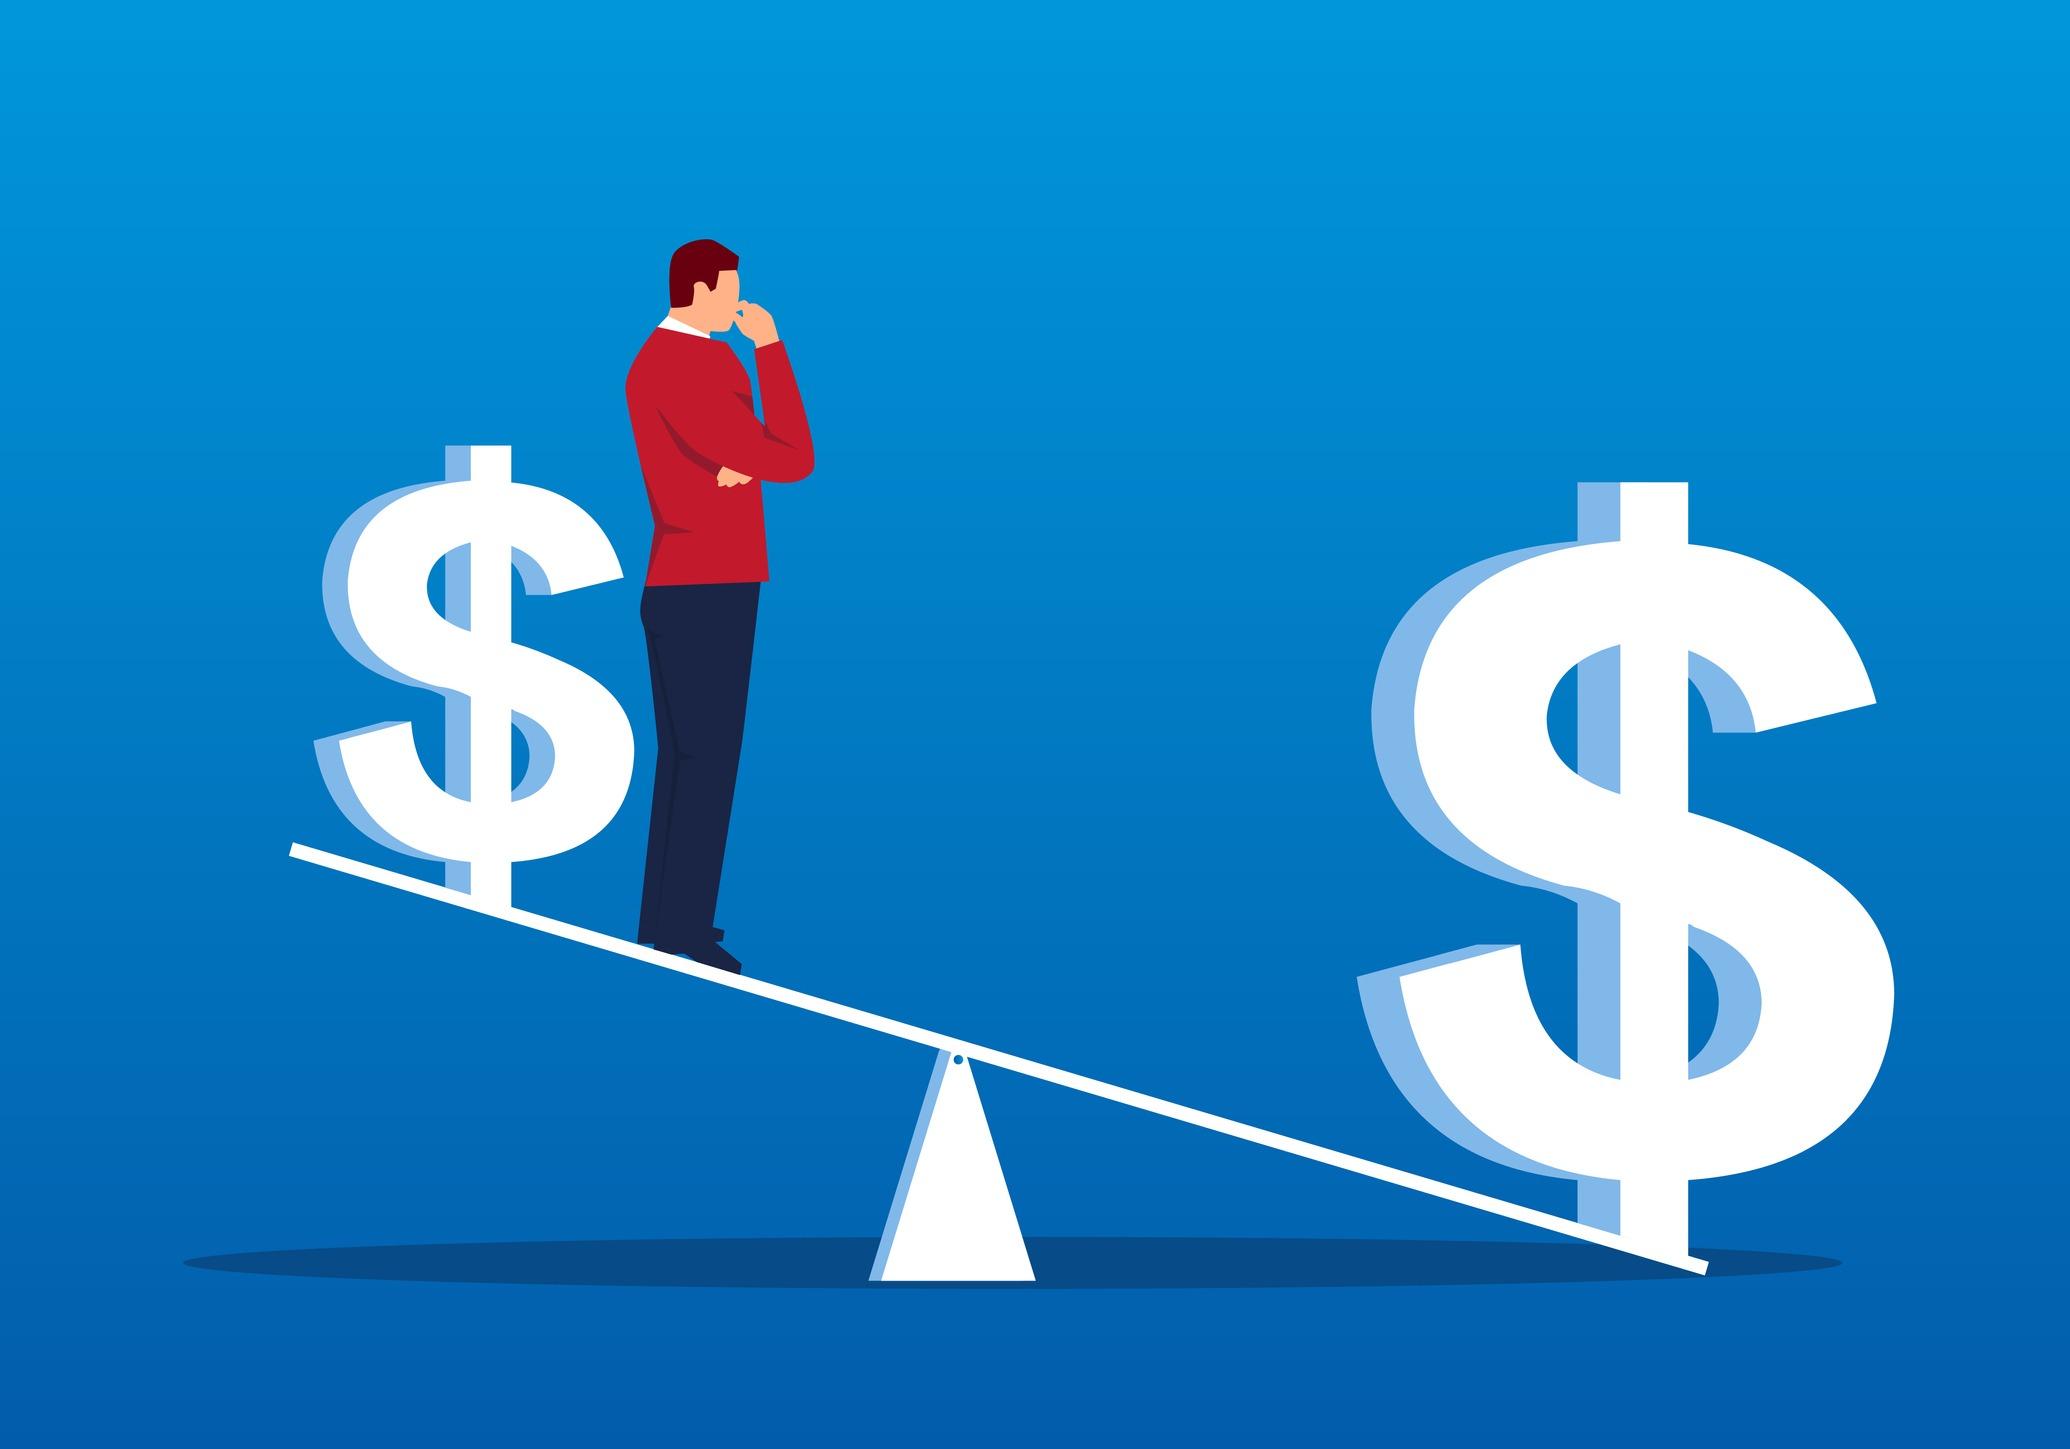 Quanto custa montar uma clínica de fisioterapia? Entenda aqui